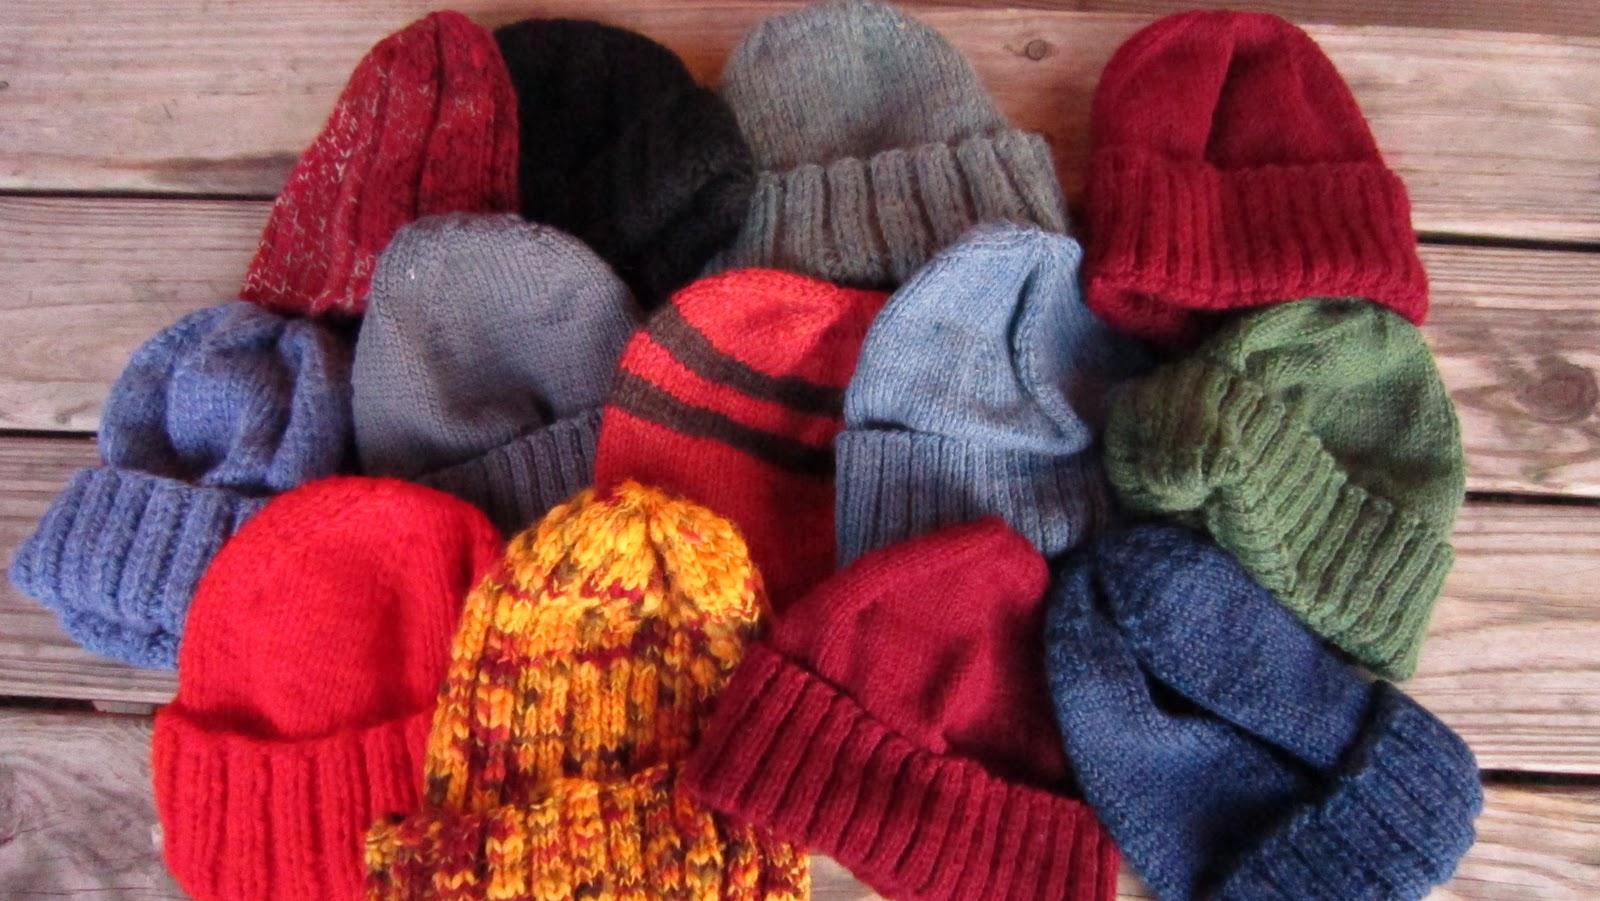 Knitting Scarves For The Homeless : Two left feet december